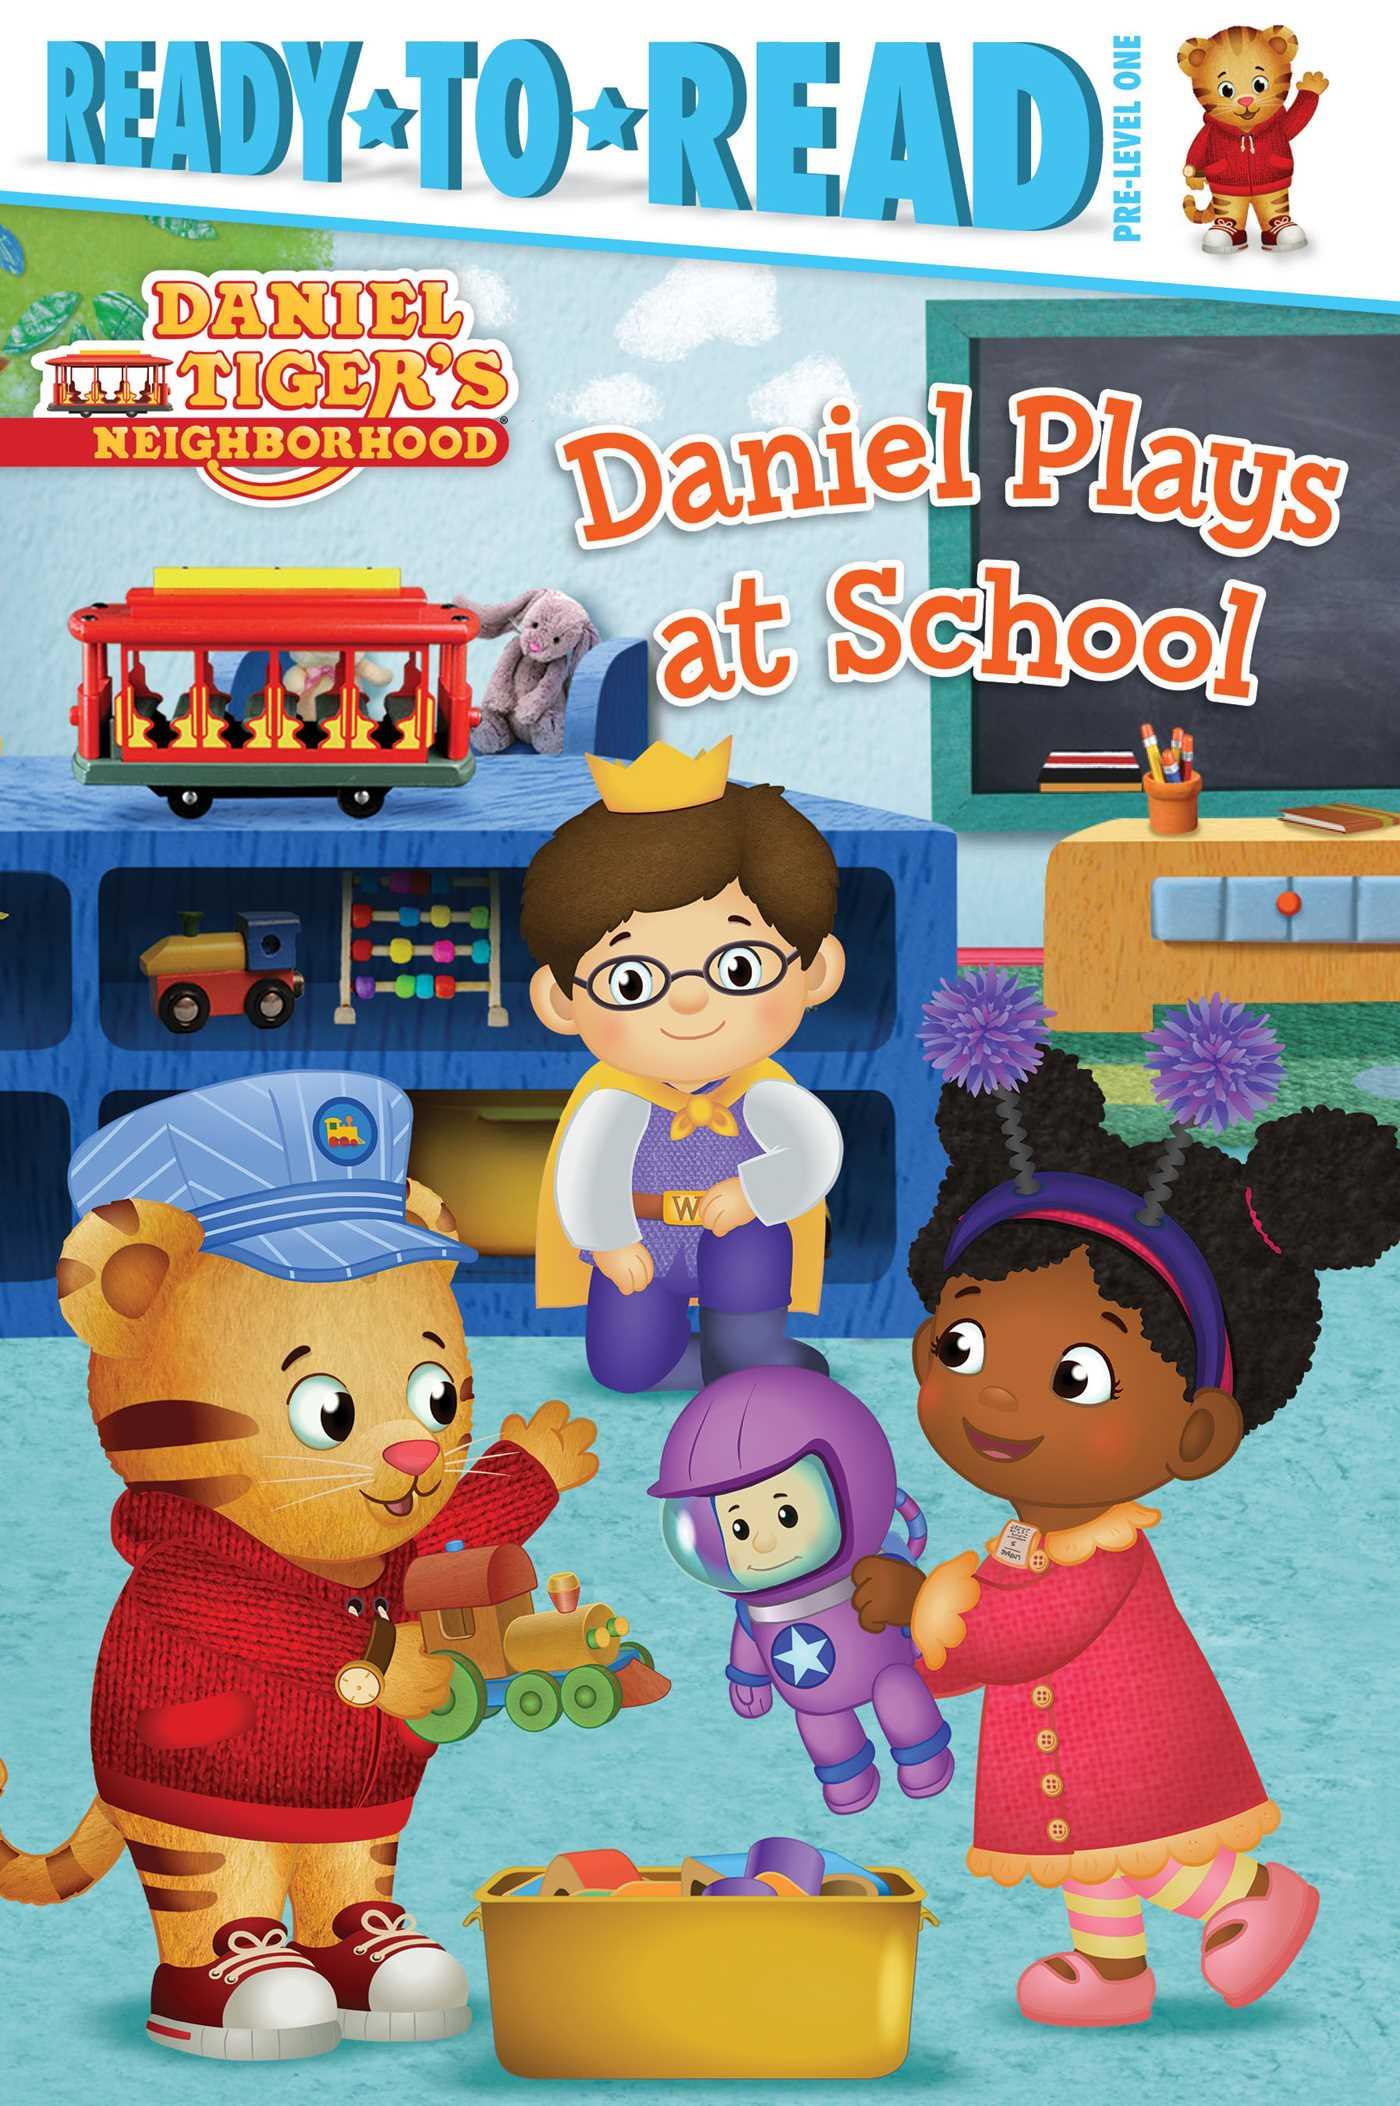 Daniel plays at school 9781481461023 hr